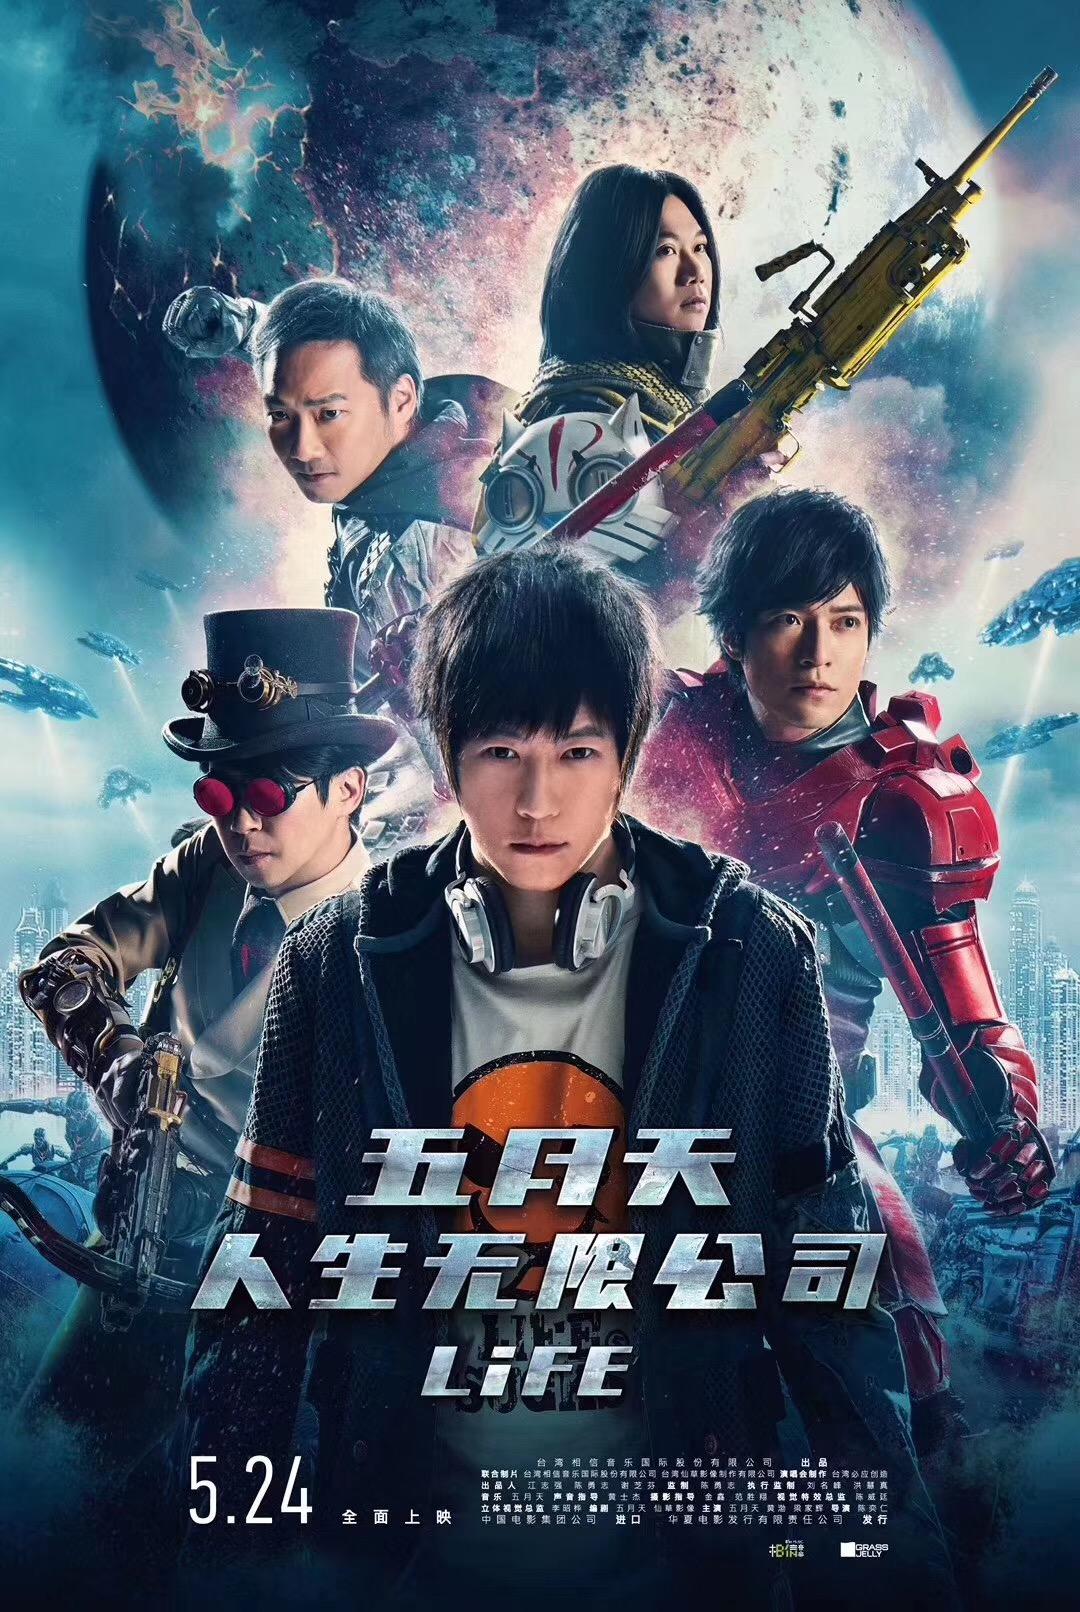 2019 中国《五月天人生无限公司》一部电影拥有超过400万位演员,是怎样的体验?